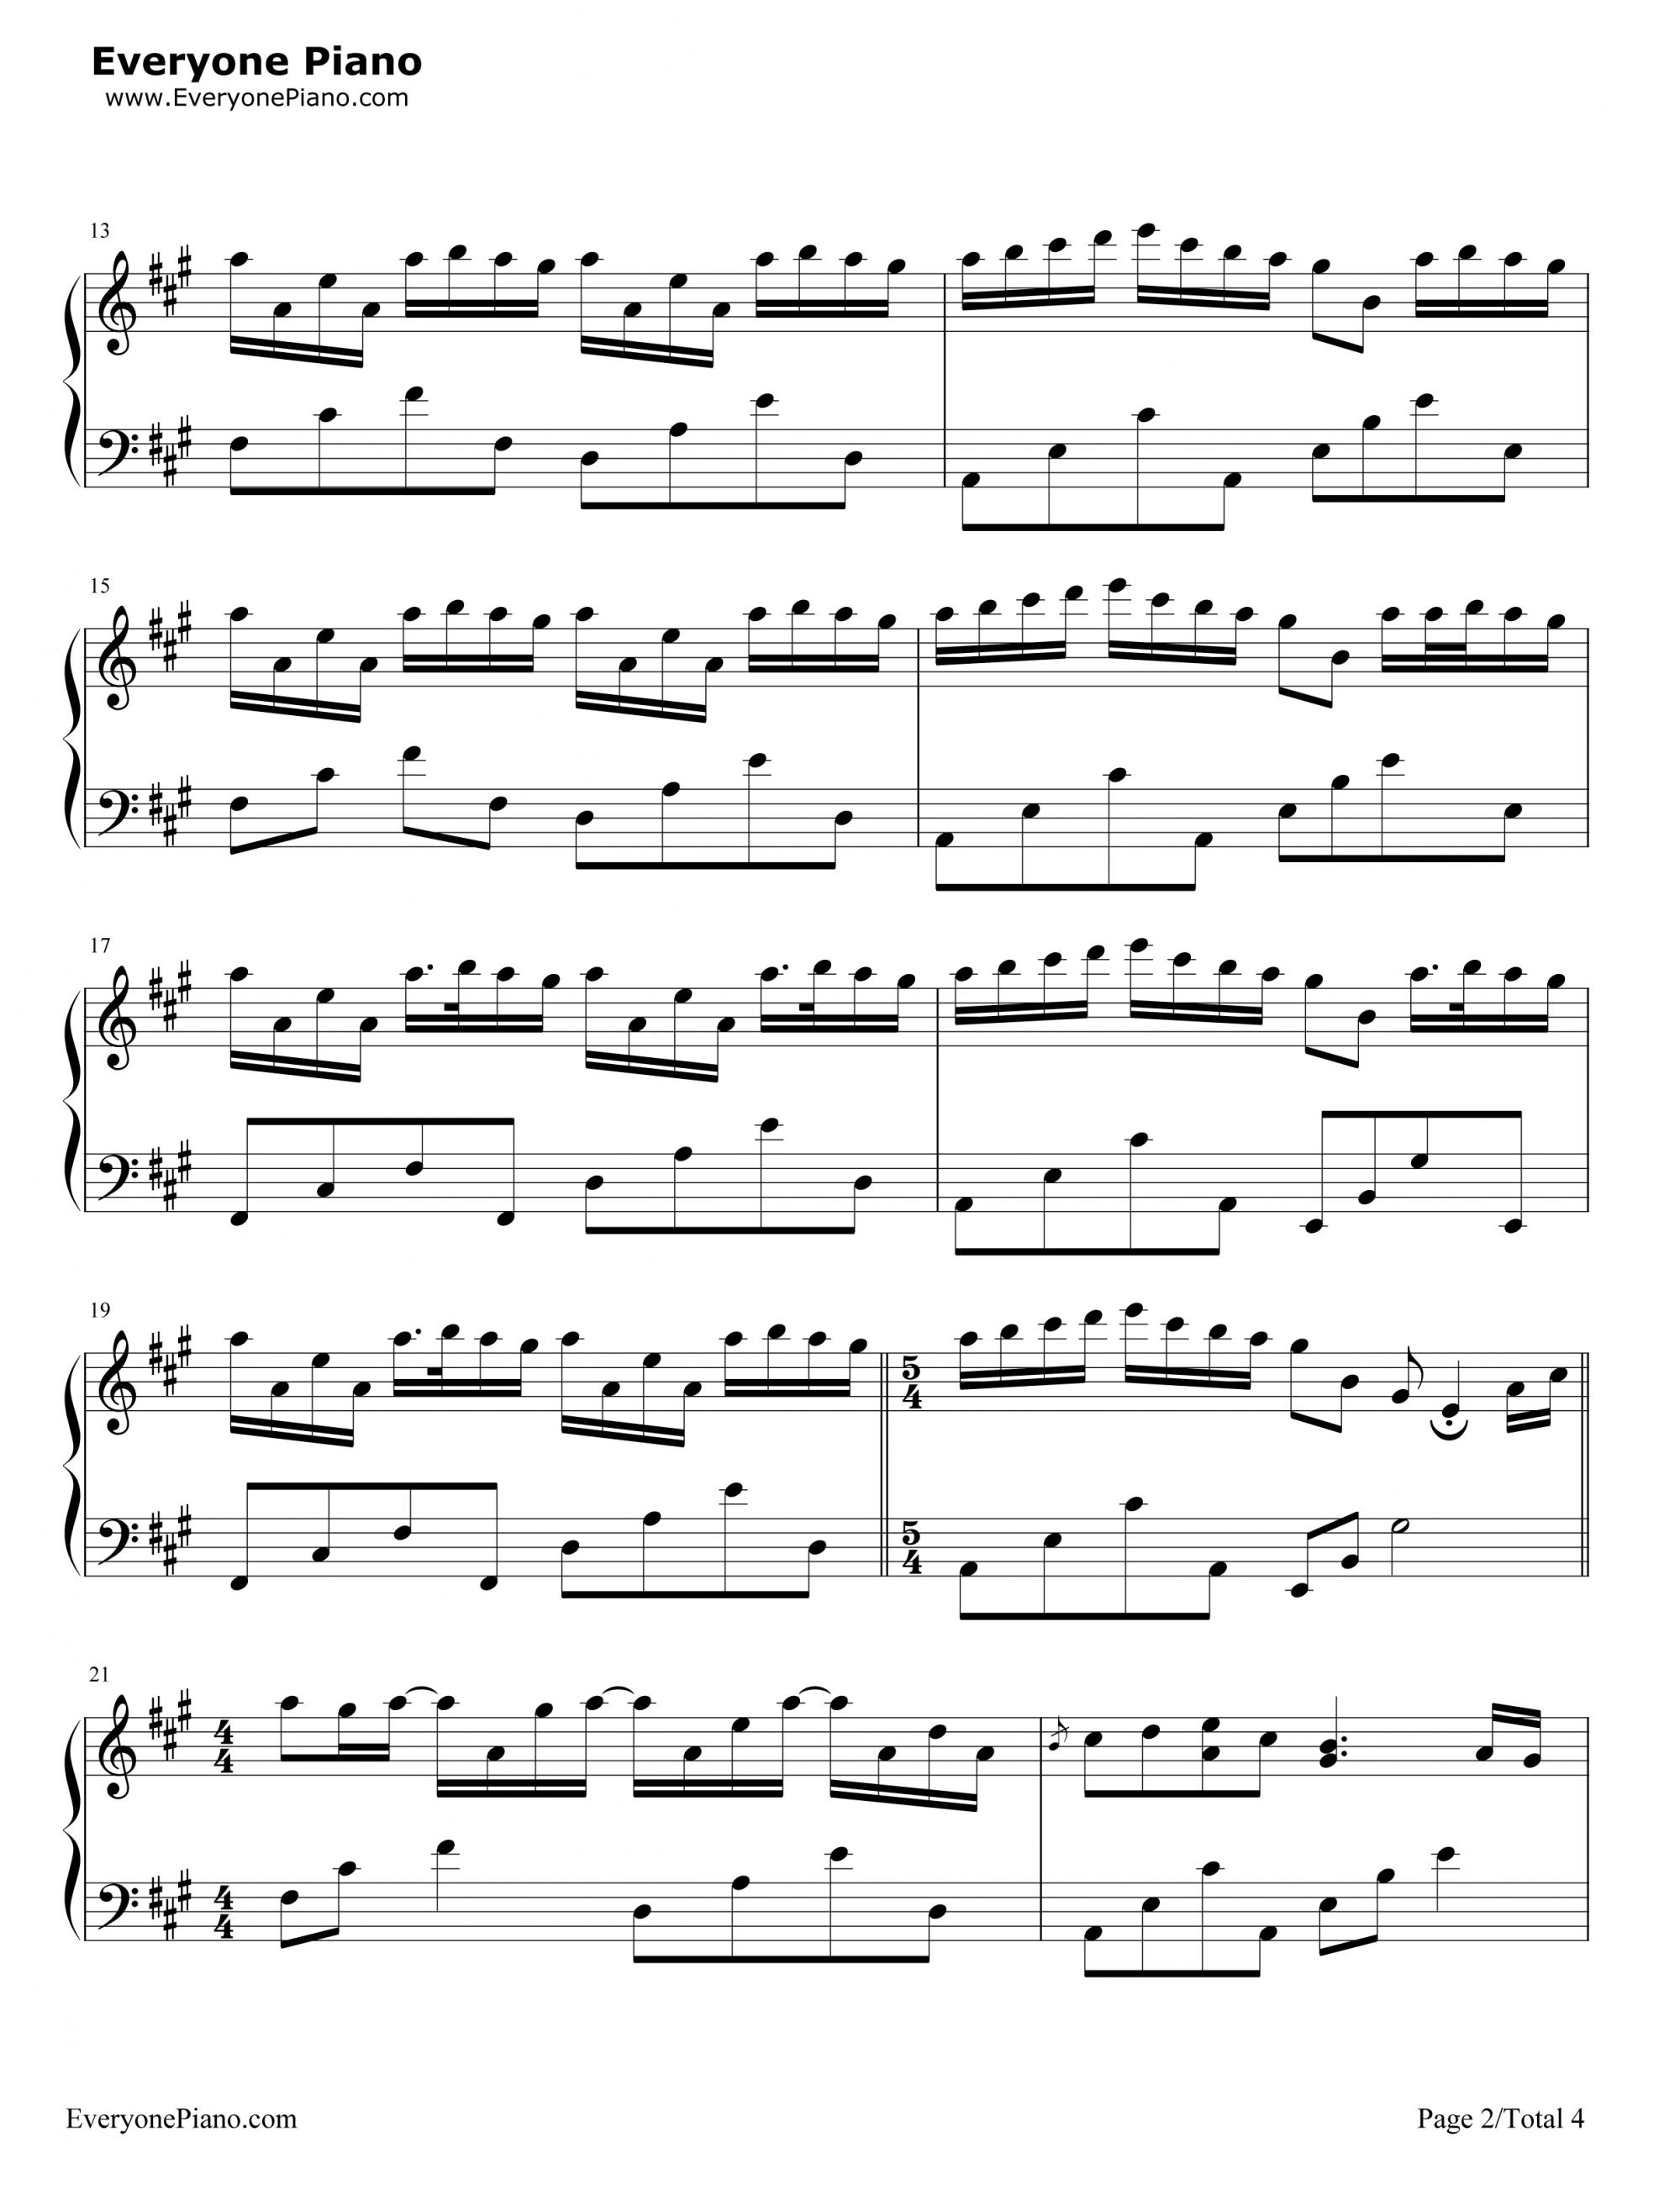 Sheet nhac river flow in you piano 02